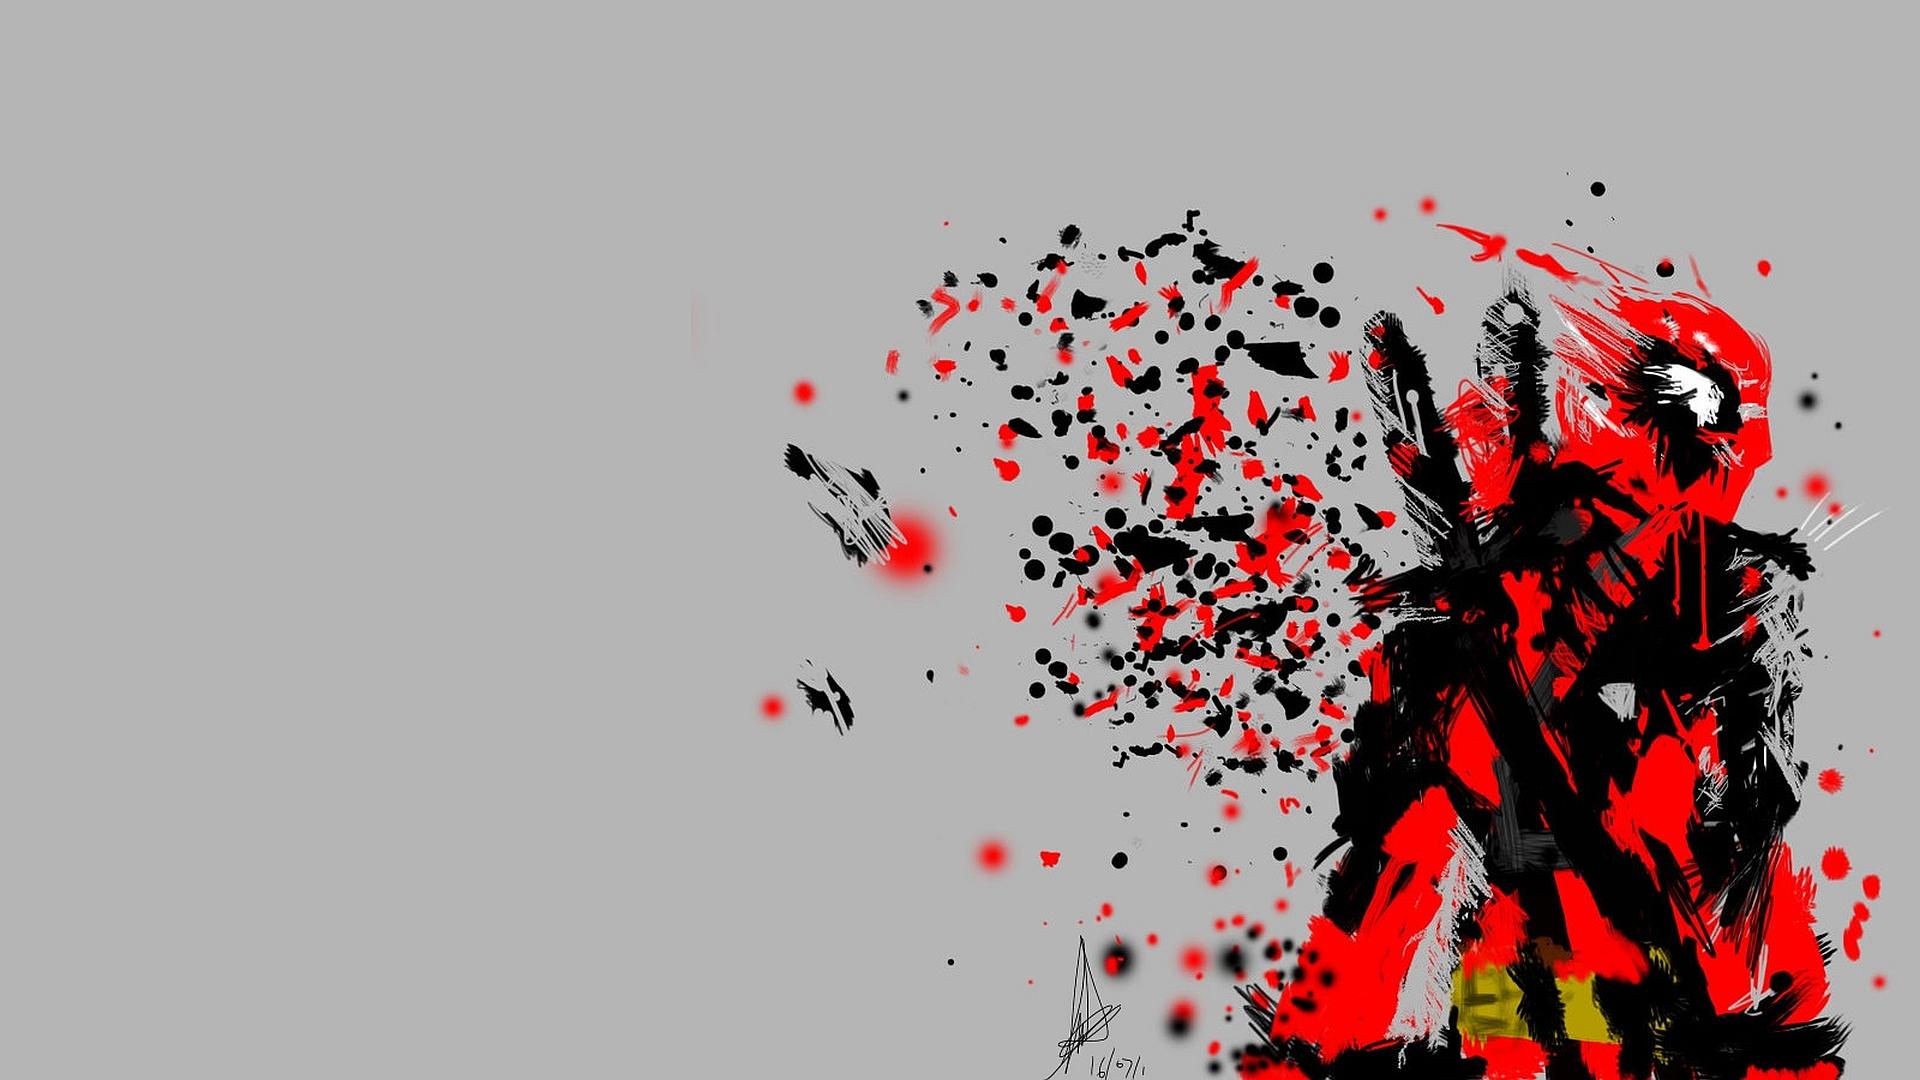 Hình nền Deadpool đẹp vẽ trừu tượng